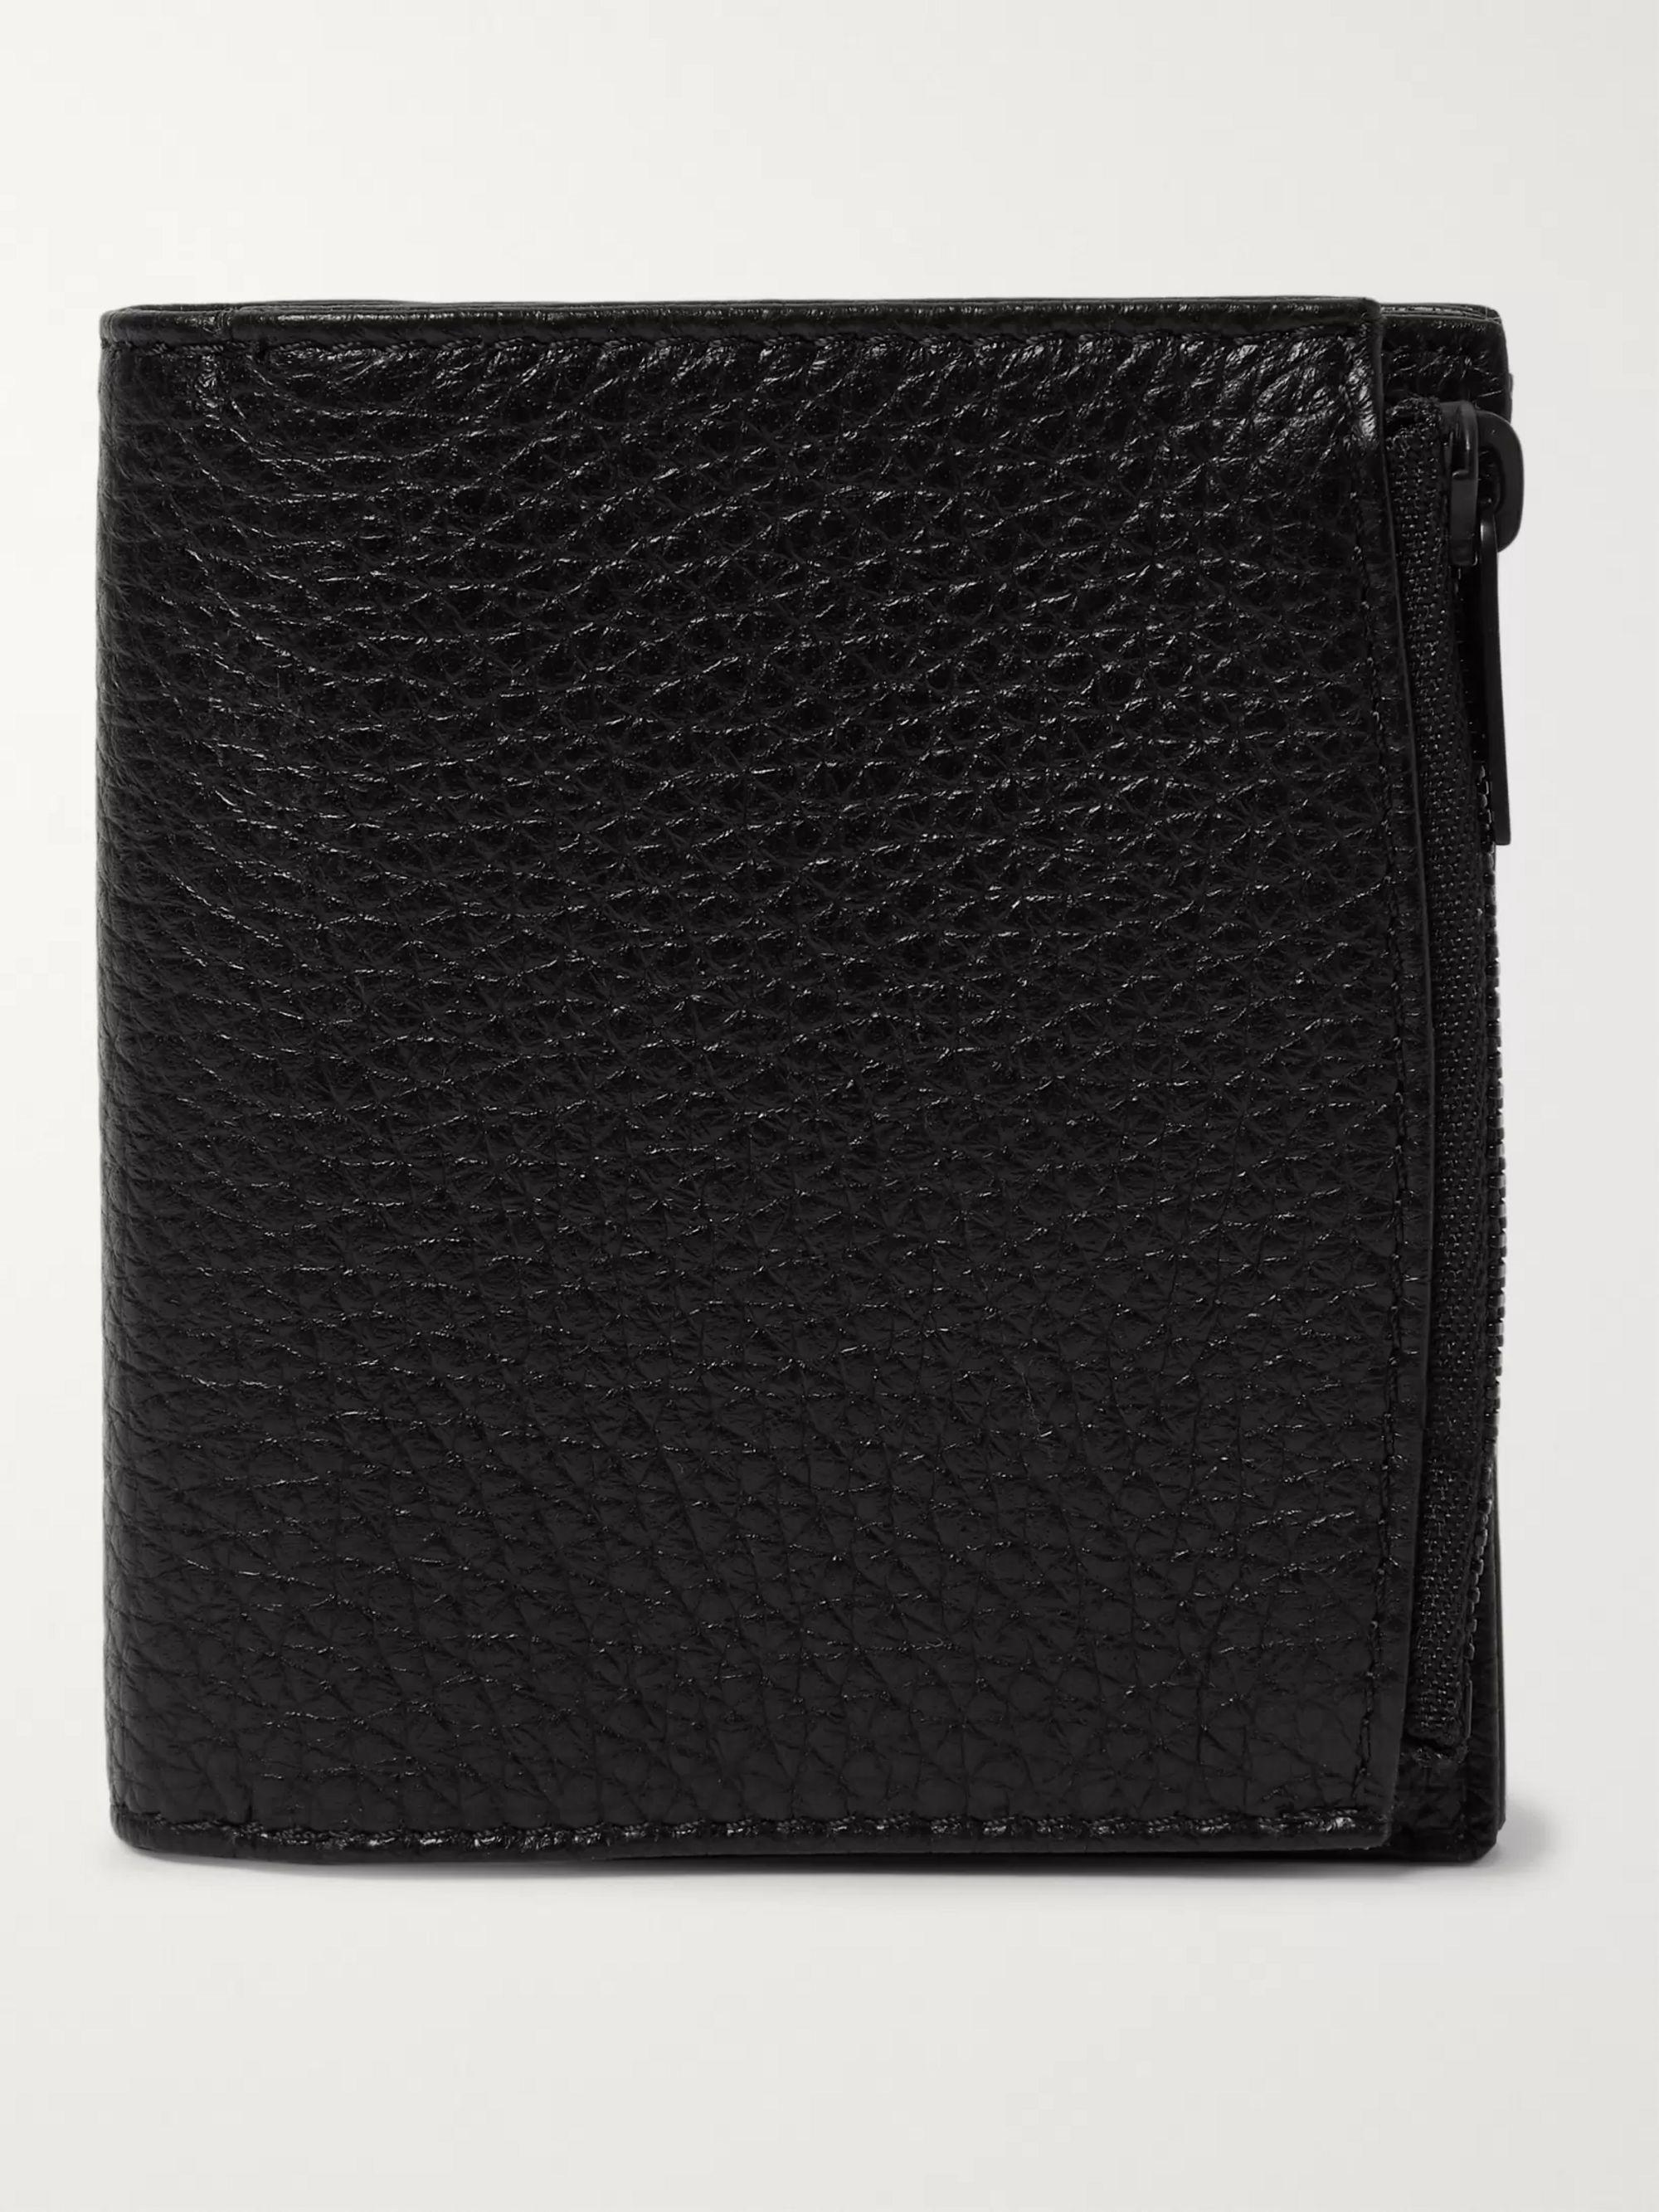 Full Grain Leather Billfold Wallet by Maison Margiela